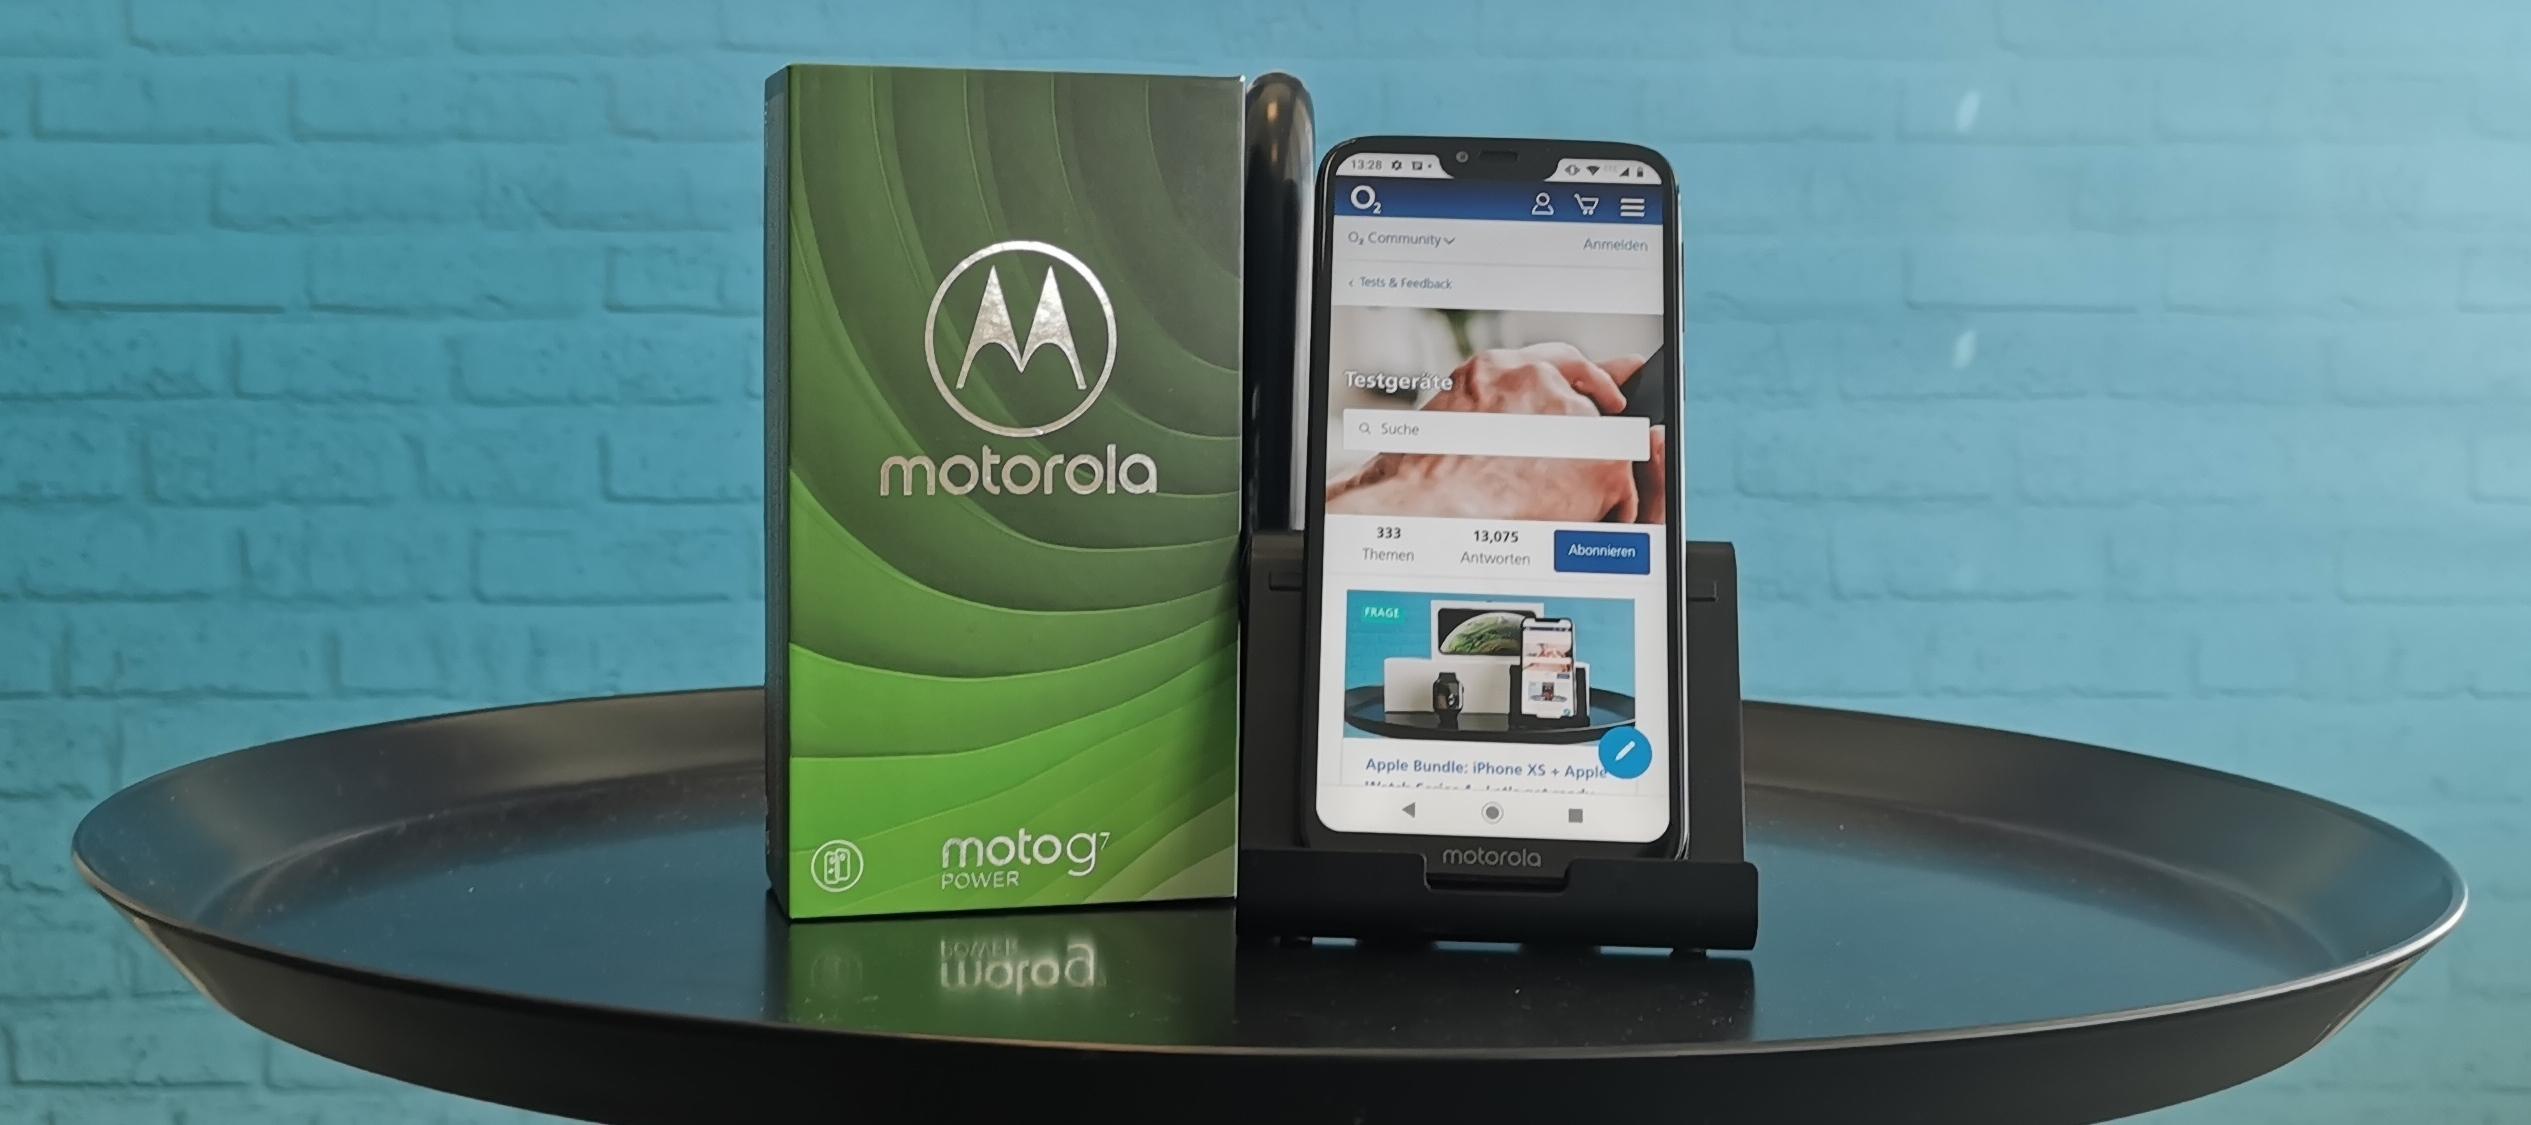 Motorola Moto G7 Power: Der stärkste Akku den du jemals getestet hast? Bewirb dich jetzt als Tester/in!